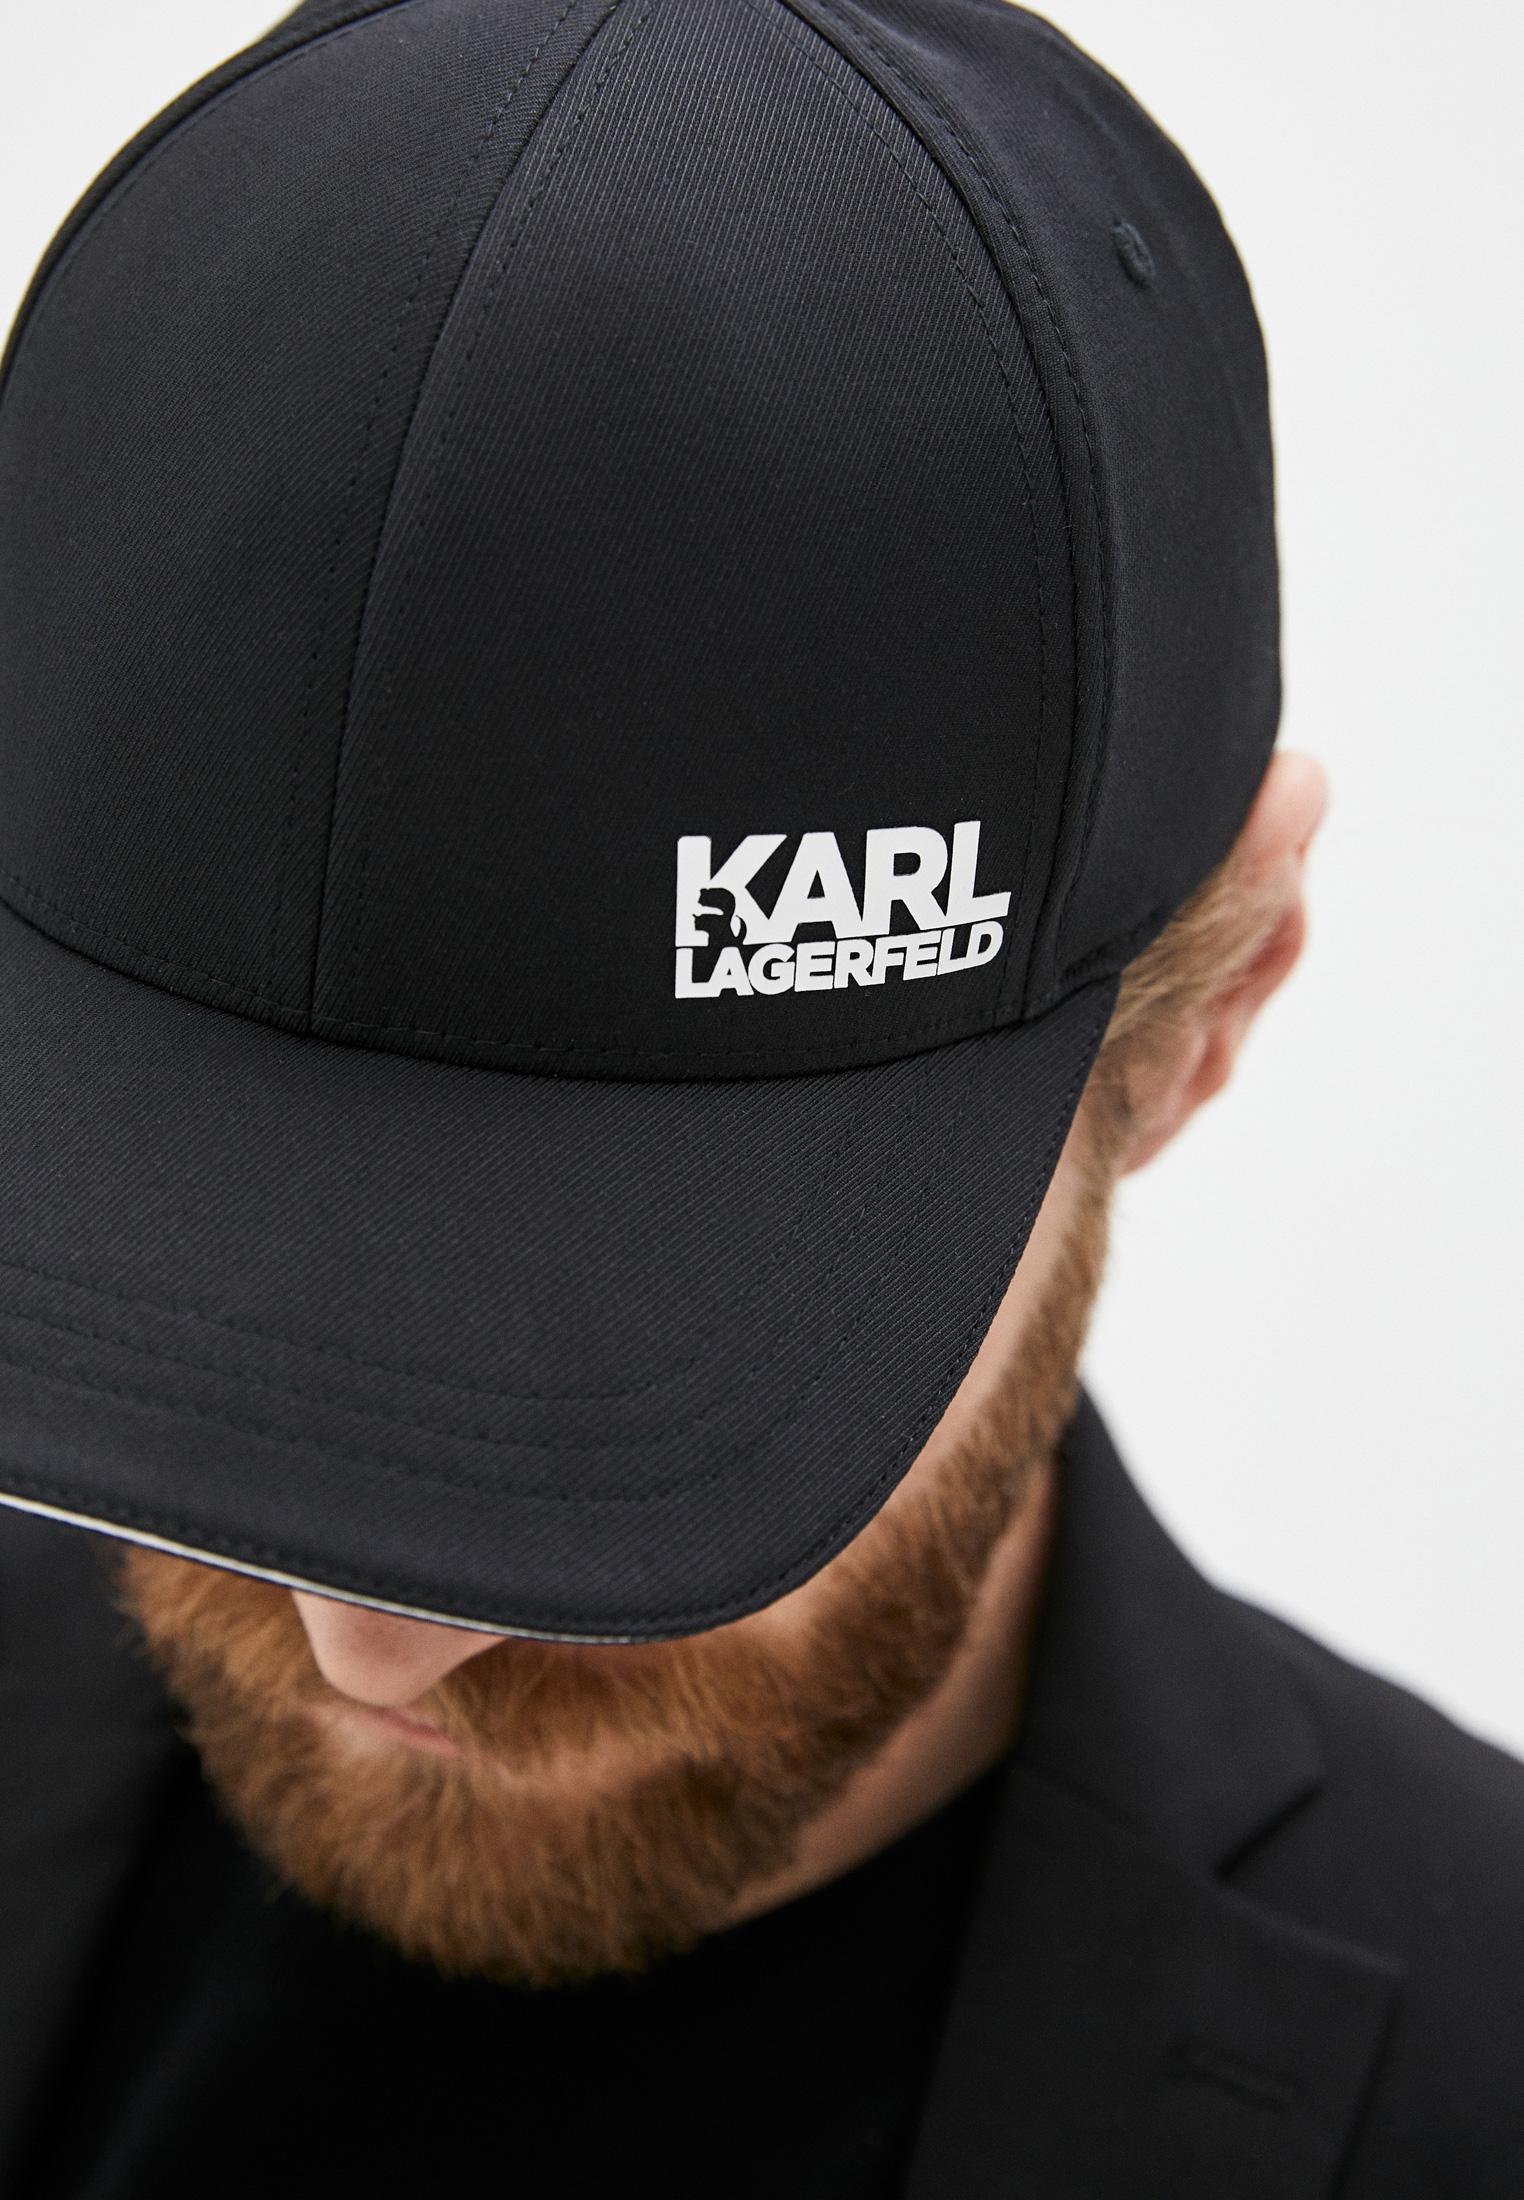 Бейсболка Karl Lagerfeld Бейсболка Karl Lagerfeld